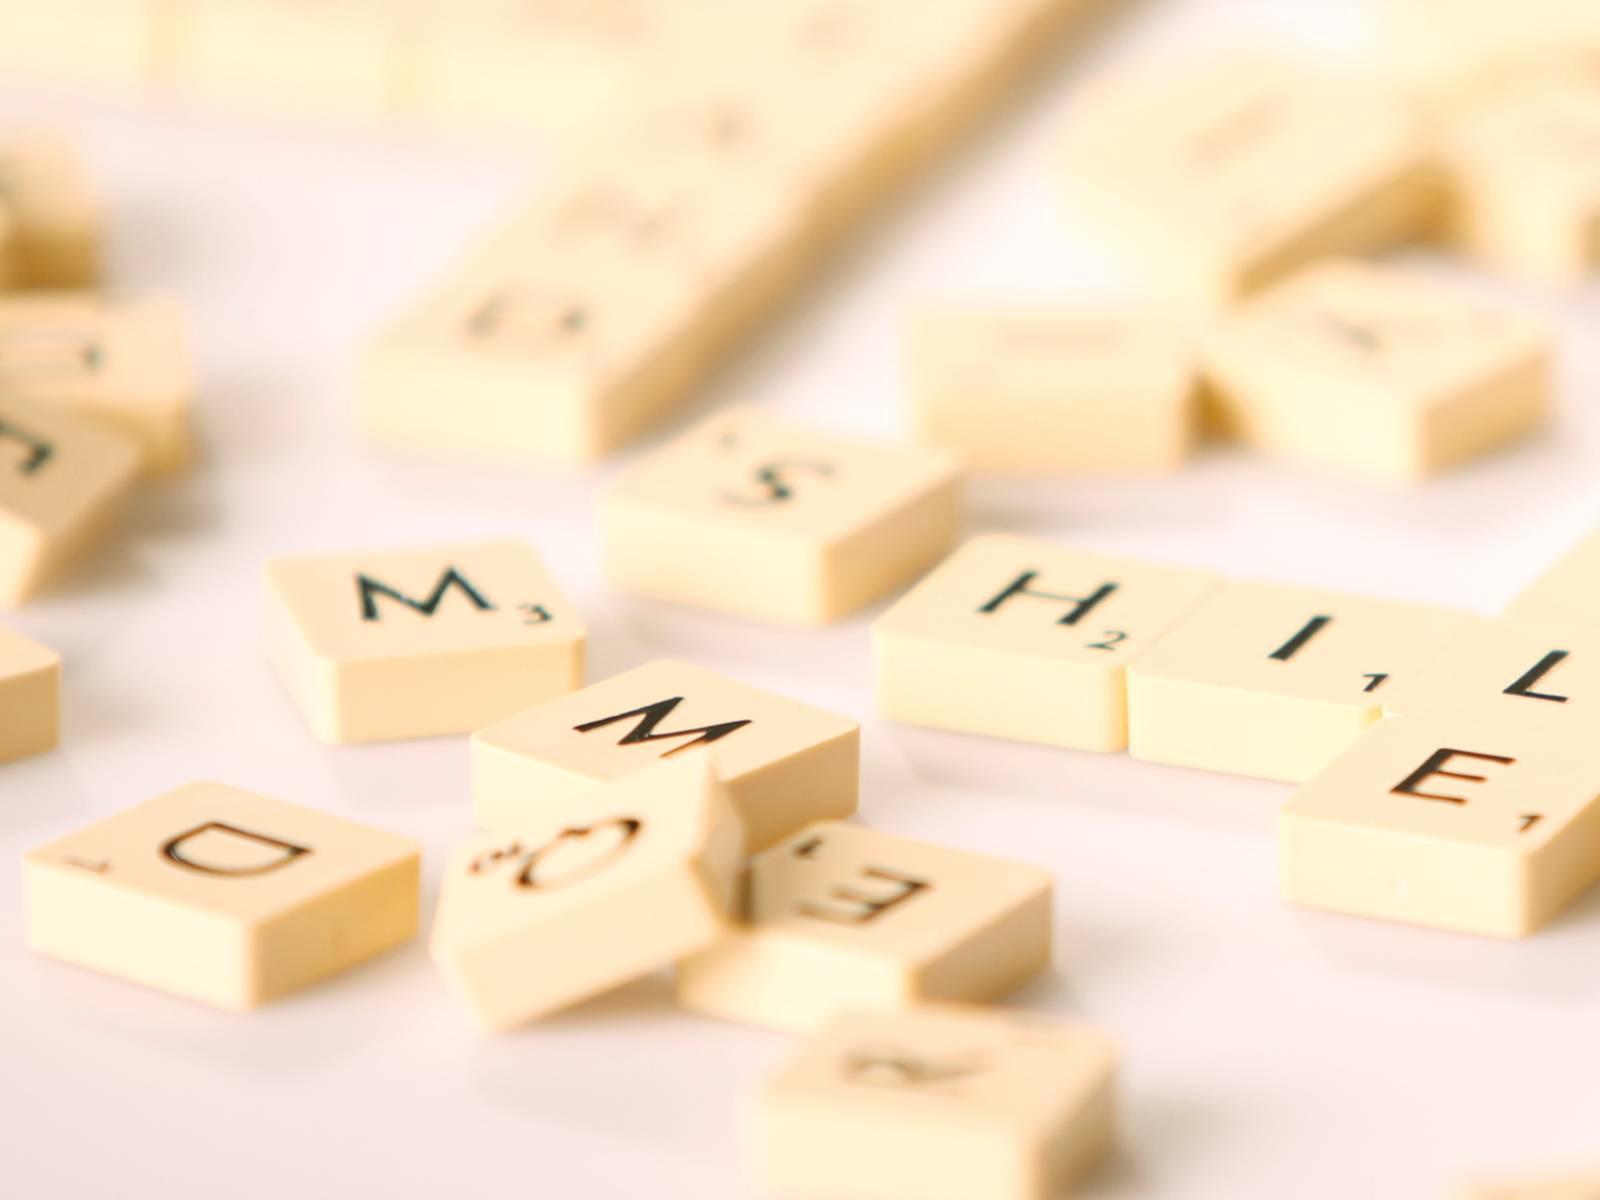 Spielsteine tragen einzelne Buchstaben und liegen durcheinander.